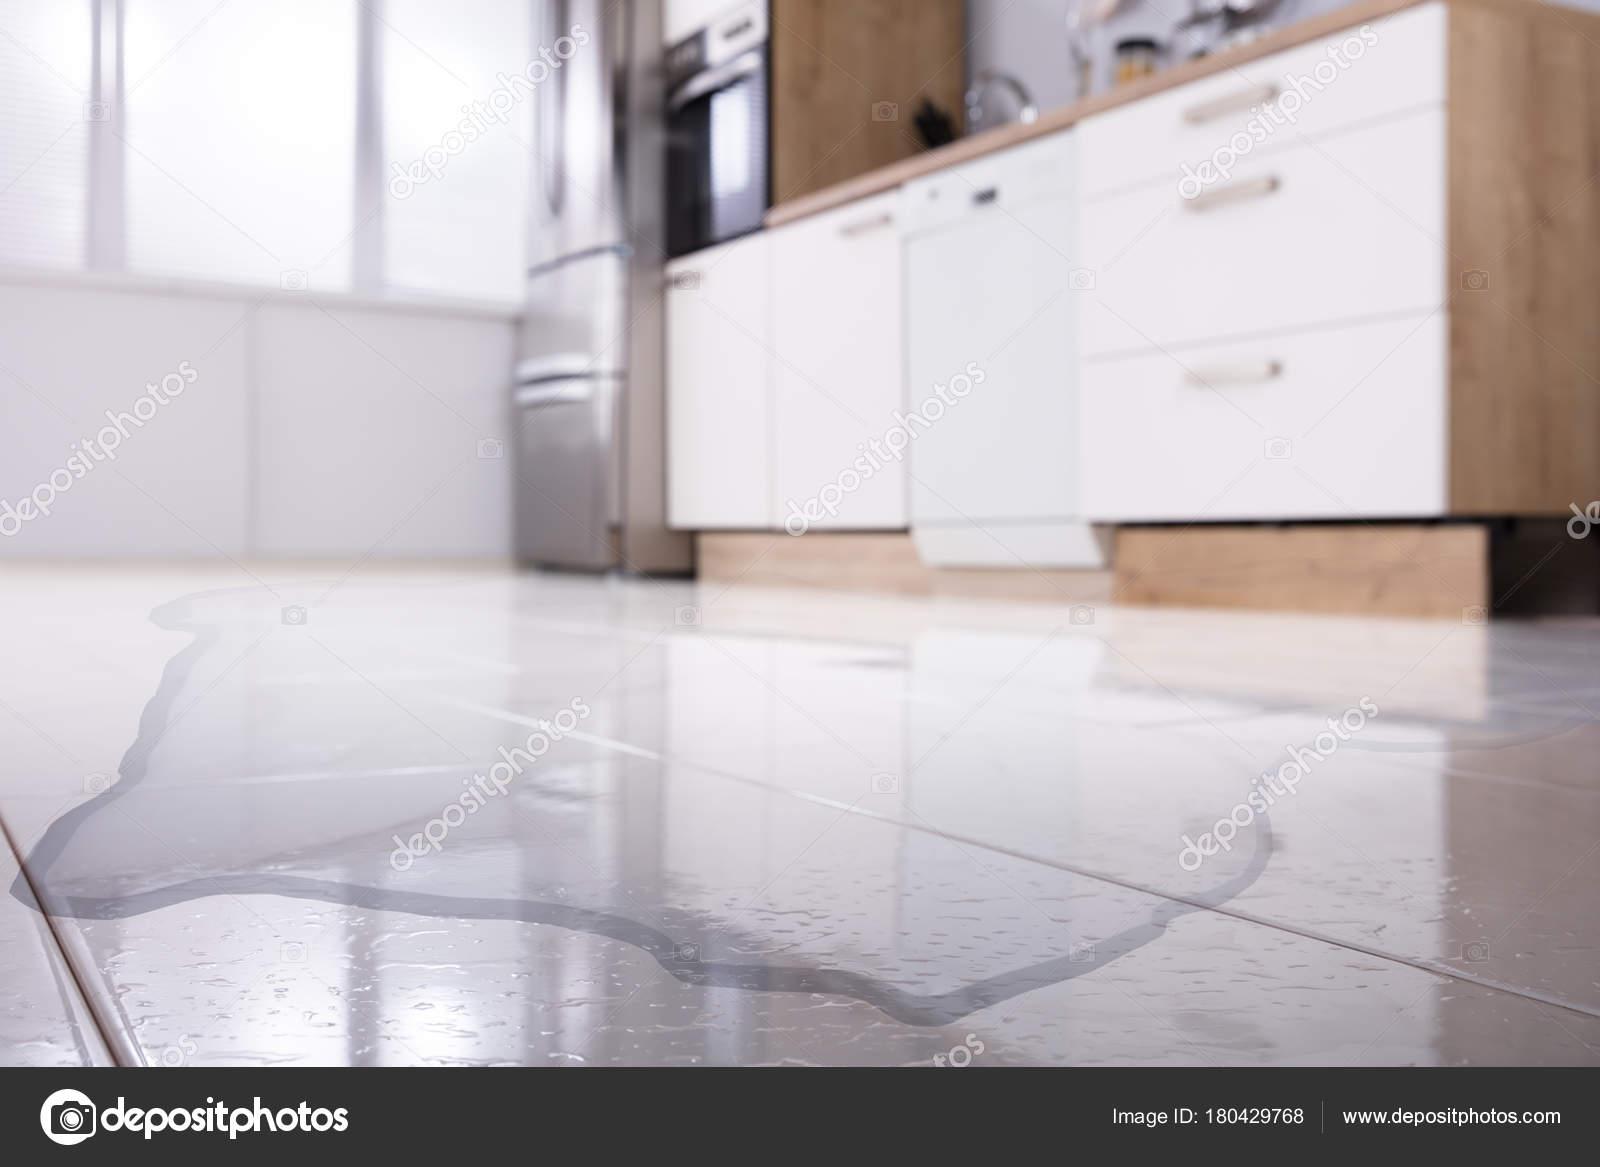 Amusing Küche Boden Photo Of Verschüttetes Wasser Auf Küchenboden E Nahaufnahme —